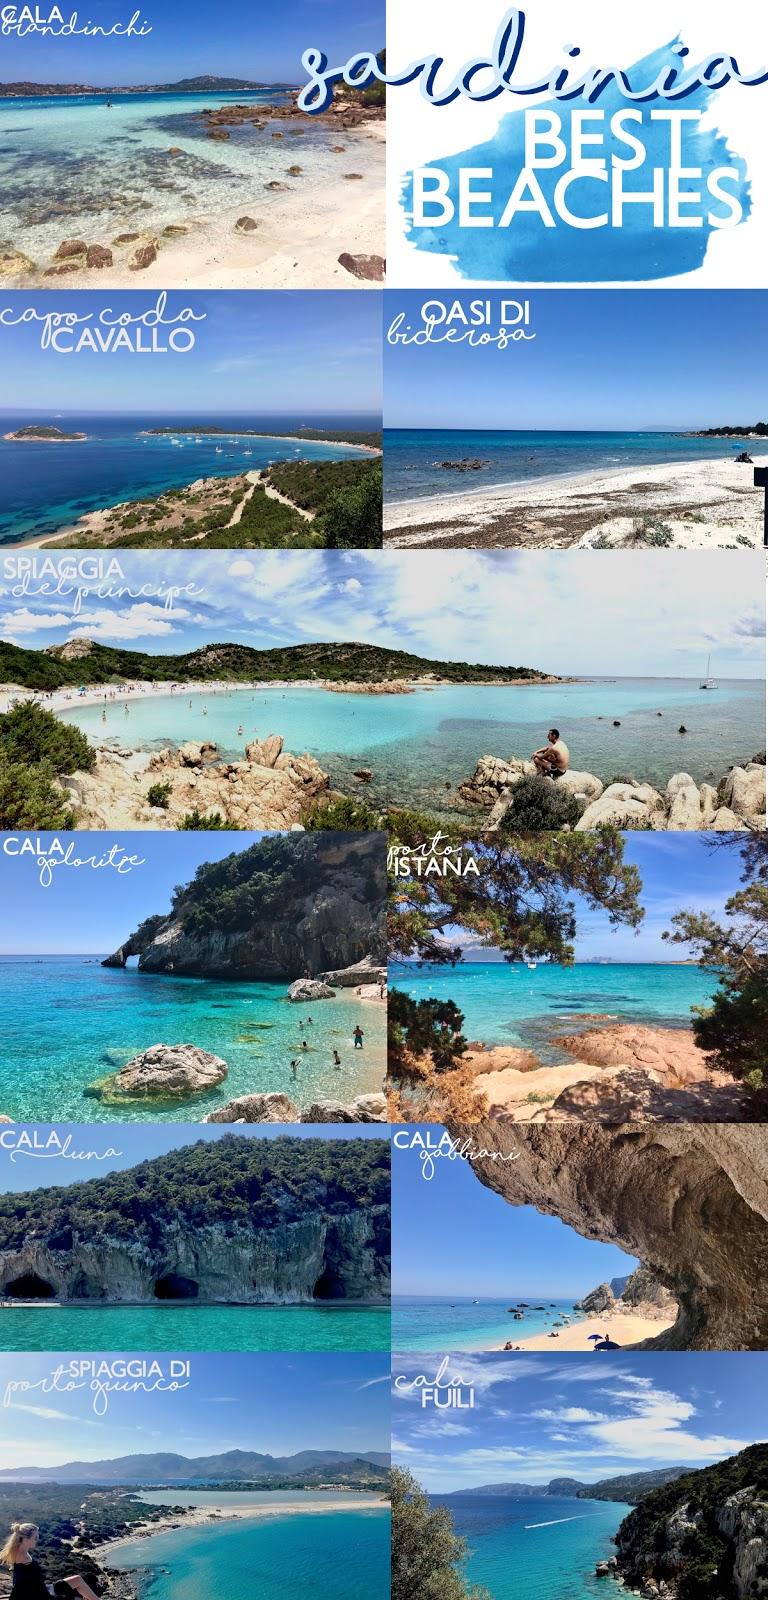 Sardinia Best Beaches Die schönsten Strände Sardiniens auf: http://www.theblondelion.com/2017/08/schoenste-straende-sardiniens.html Tipps Reiseblog Travel Diary Reiseführer Reisetipps